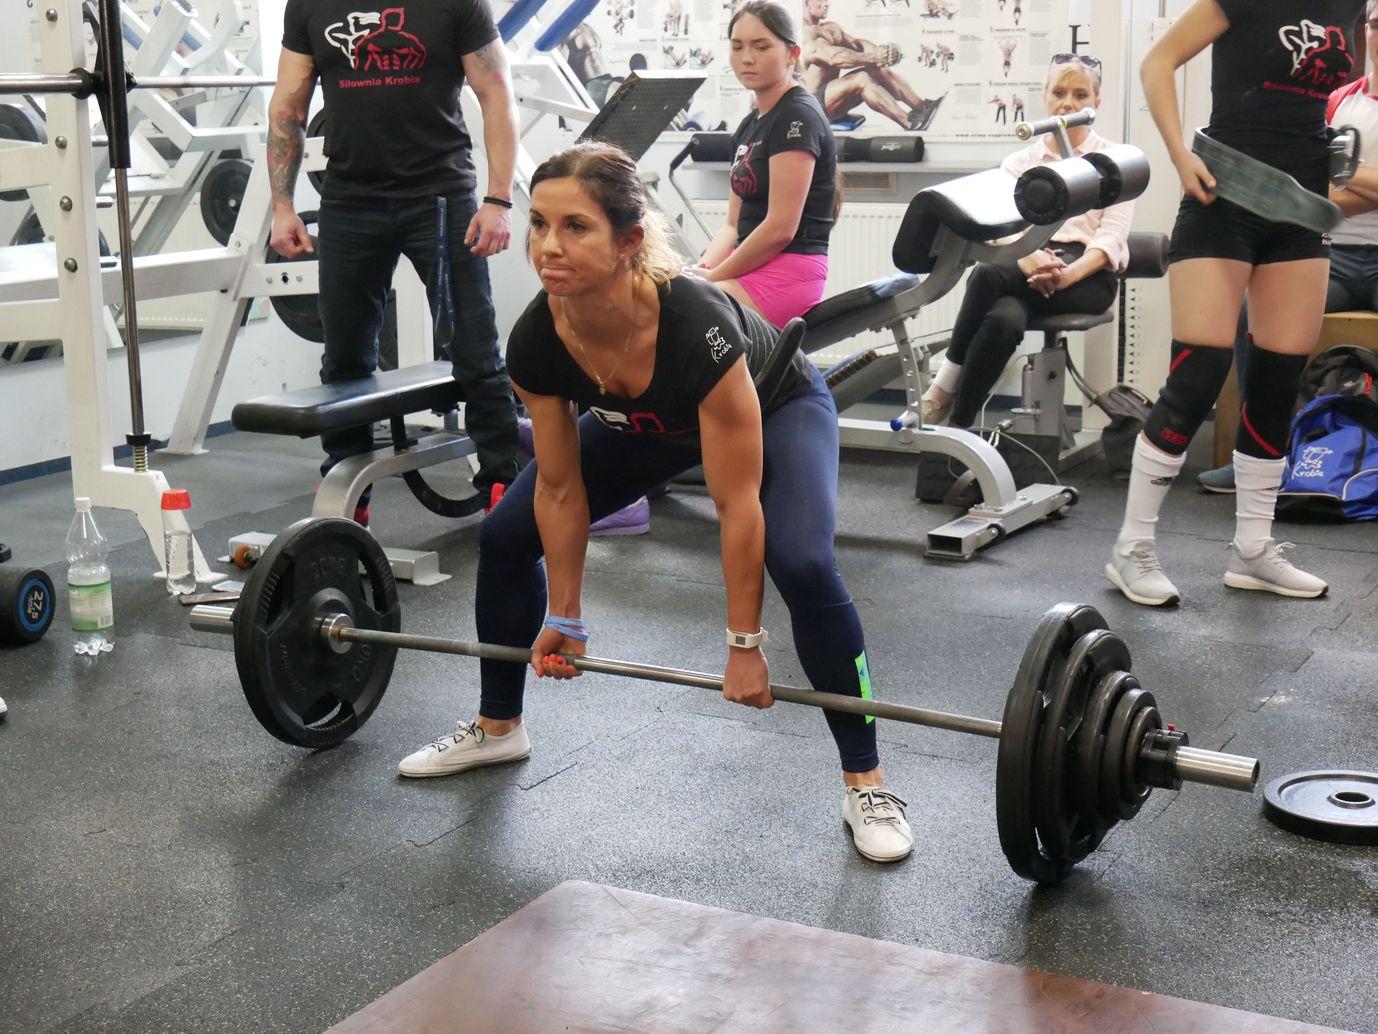 Zawody Martwy Ciąg Pleszew Fitness Klub Active Fit ul. Traugutta 30 siłownia trening personalny 20